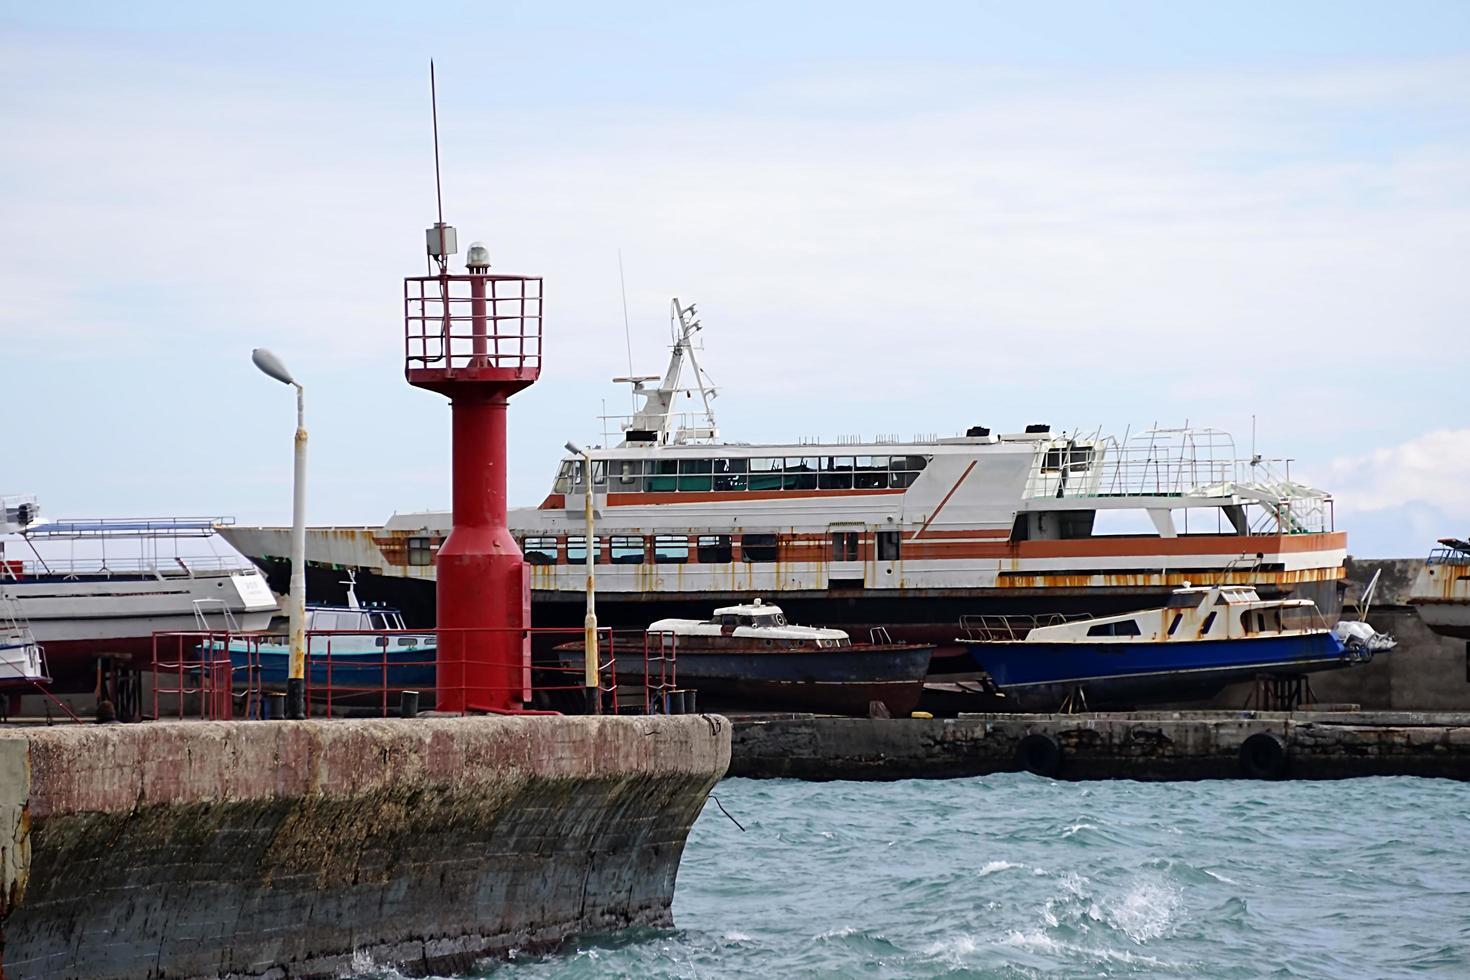 paisaje con vistas al puerto deportivo y los barcos antiguos. foto